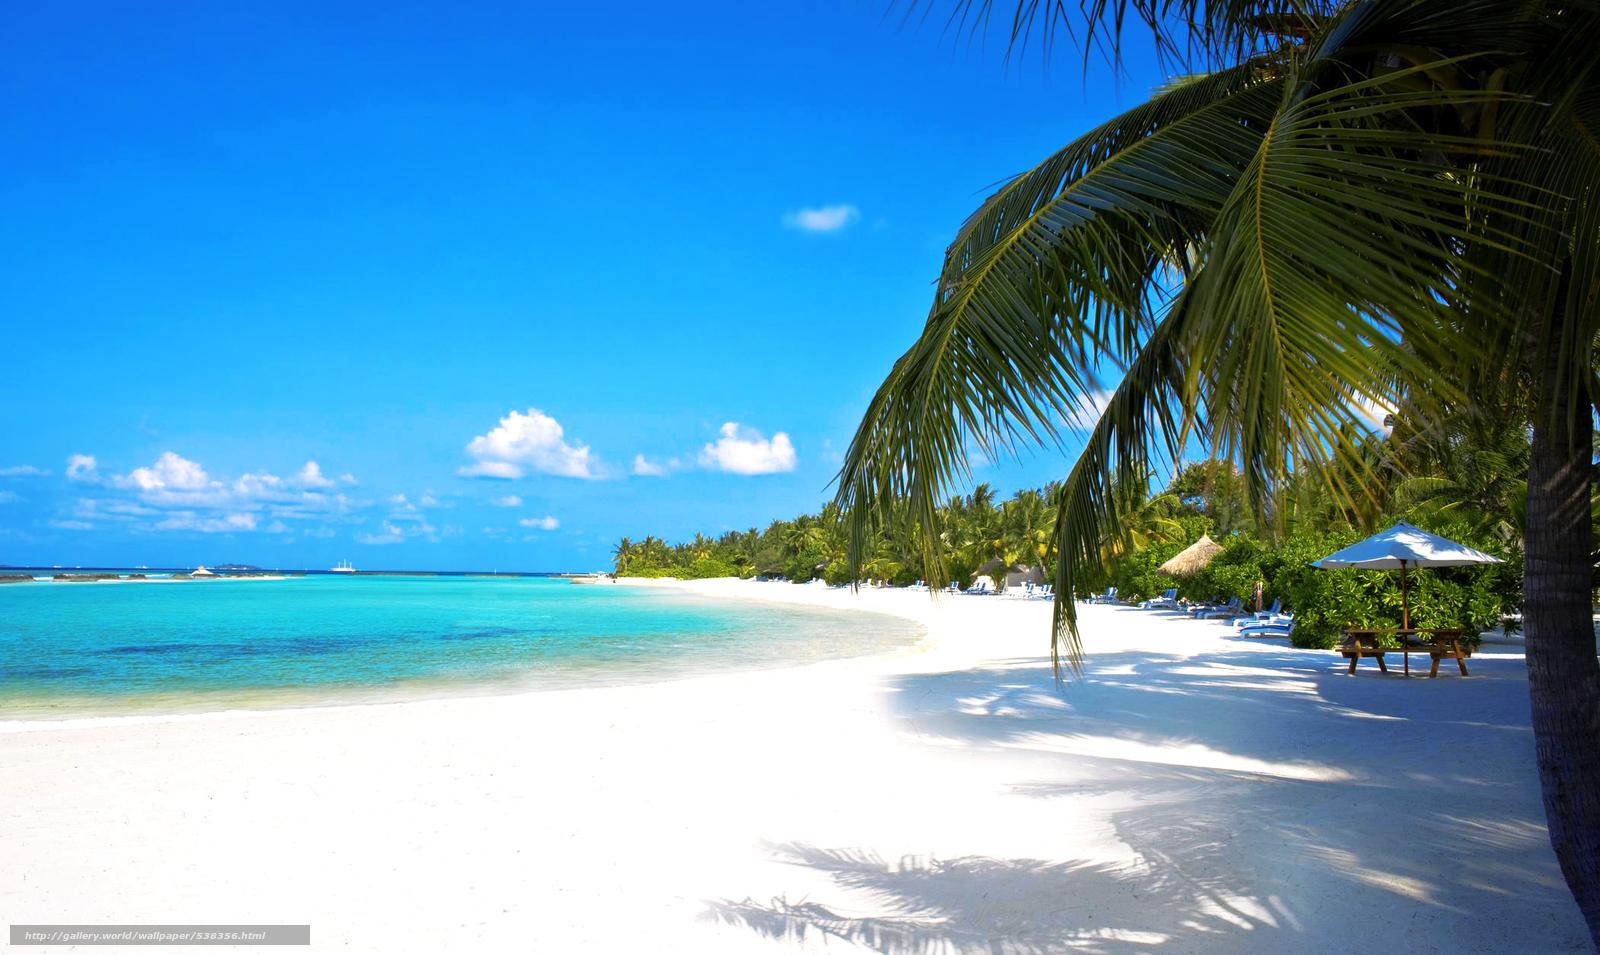 Tlcharger fond d 39 ecran tropiques mer plage fonds d 39 ecran for Fond ecran gratuit mer